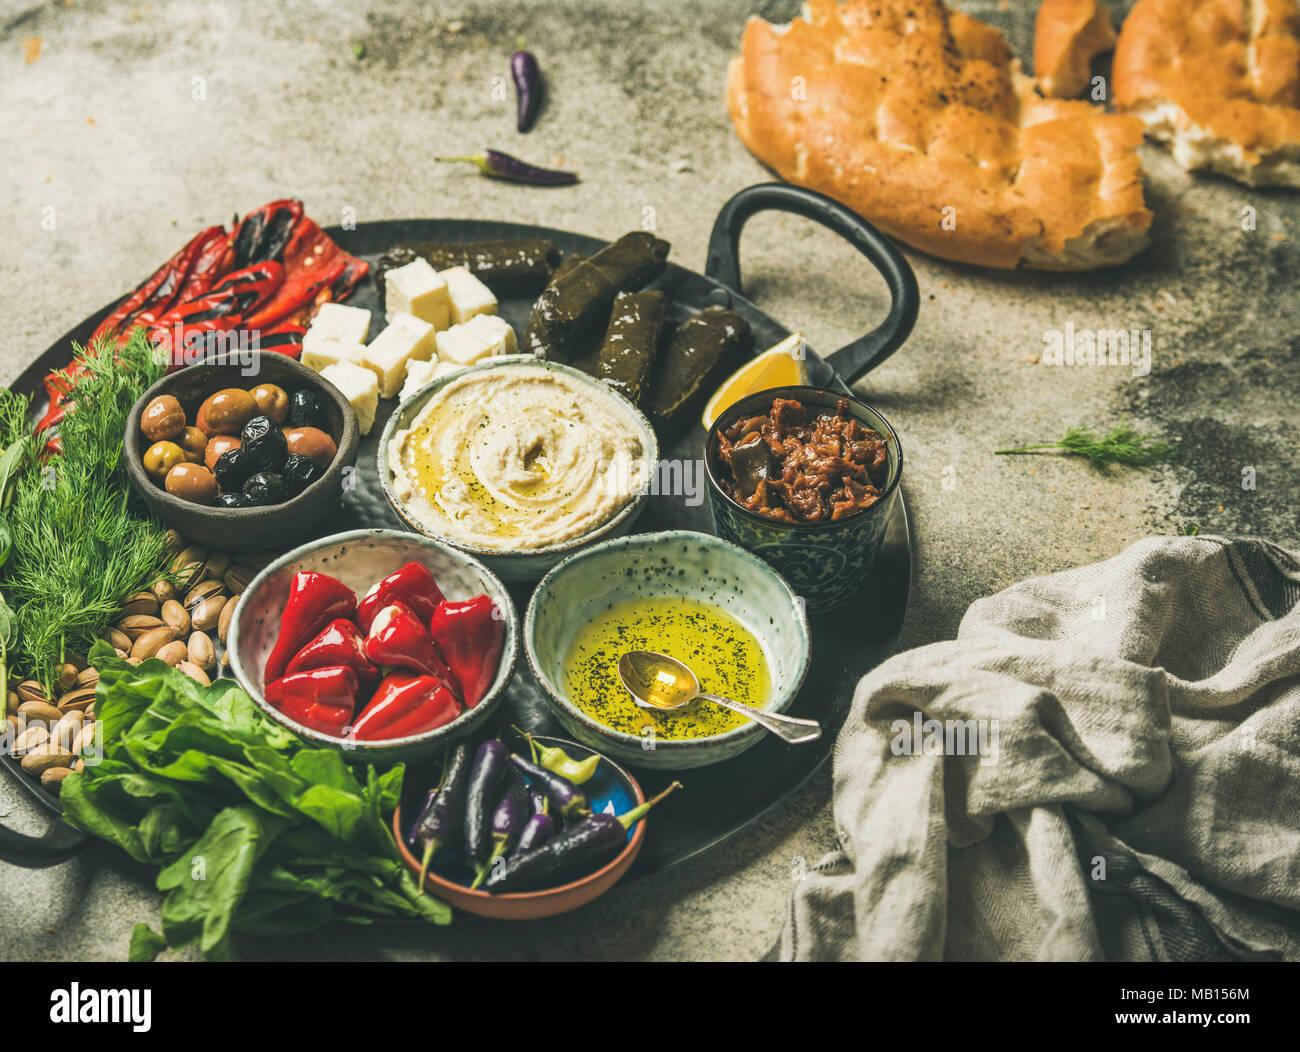 La Méditerranée, du Moyen-Orient meze starter plateau. Paprikas marinés farcis, dolma, hoummos, épicé de l'huile, olives, tomates séchées, noix, fromage, télévision Photo Stock